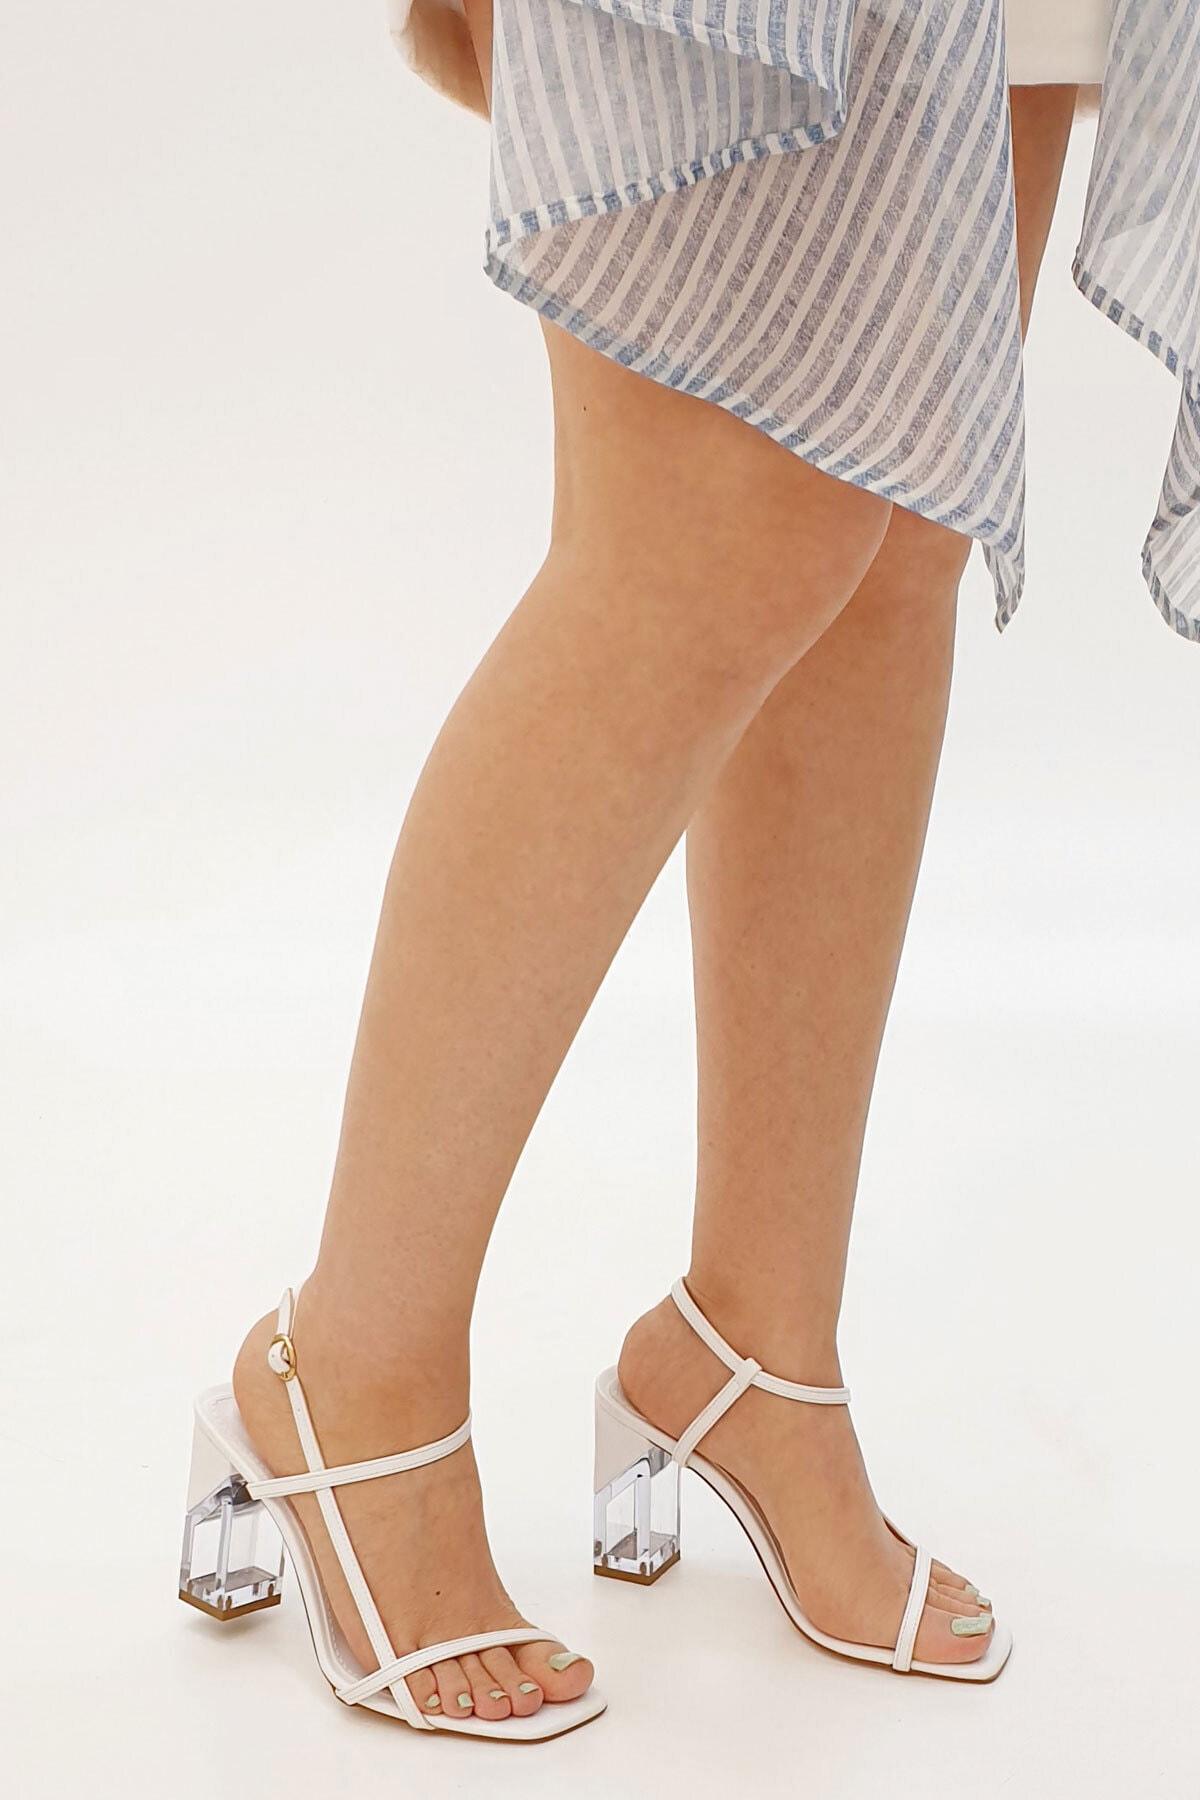 Marjin Beyaz Kadın Runsa Bilekten Bantlı Topuklu Ayakkabı 20Y0016AD816 2